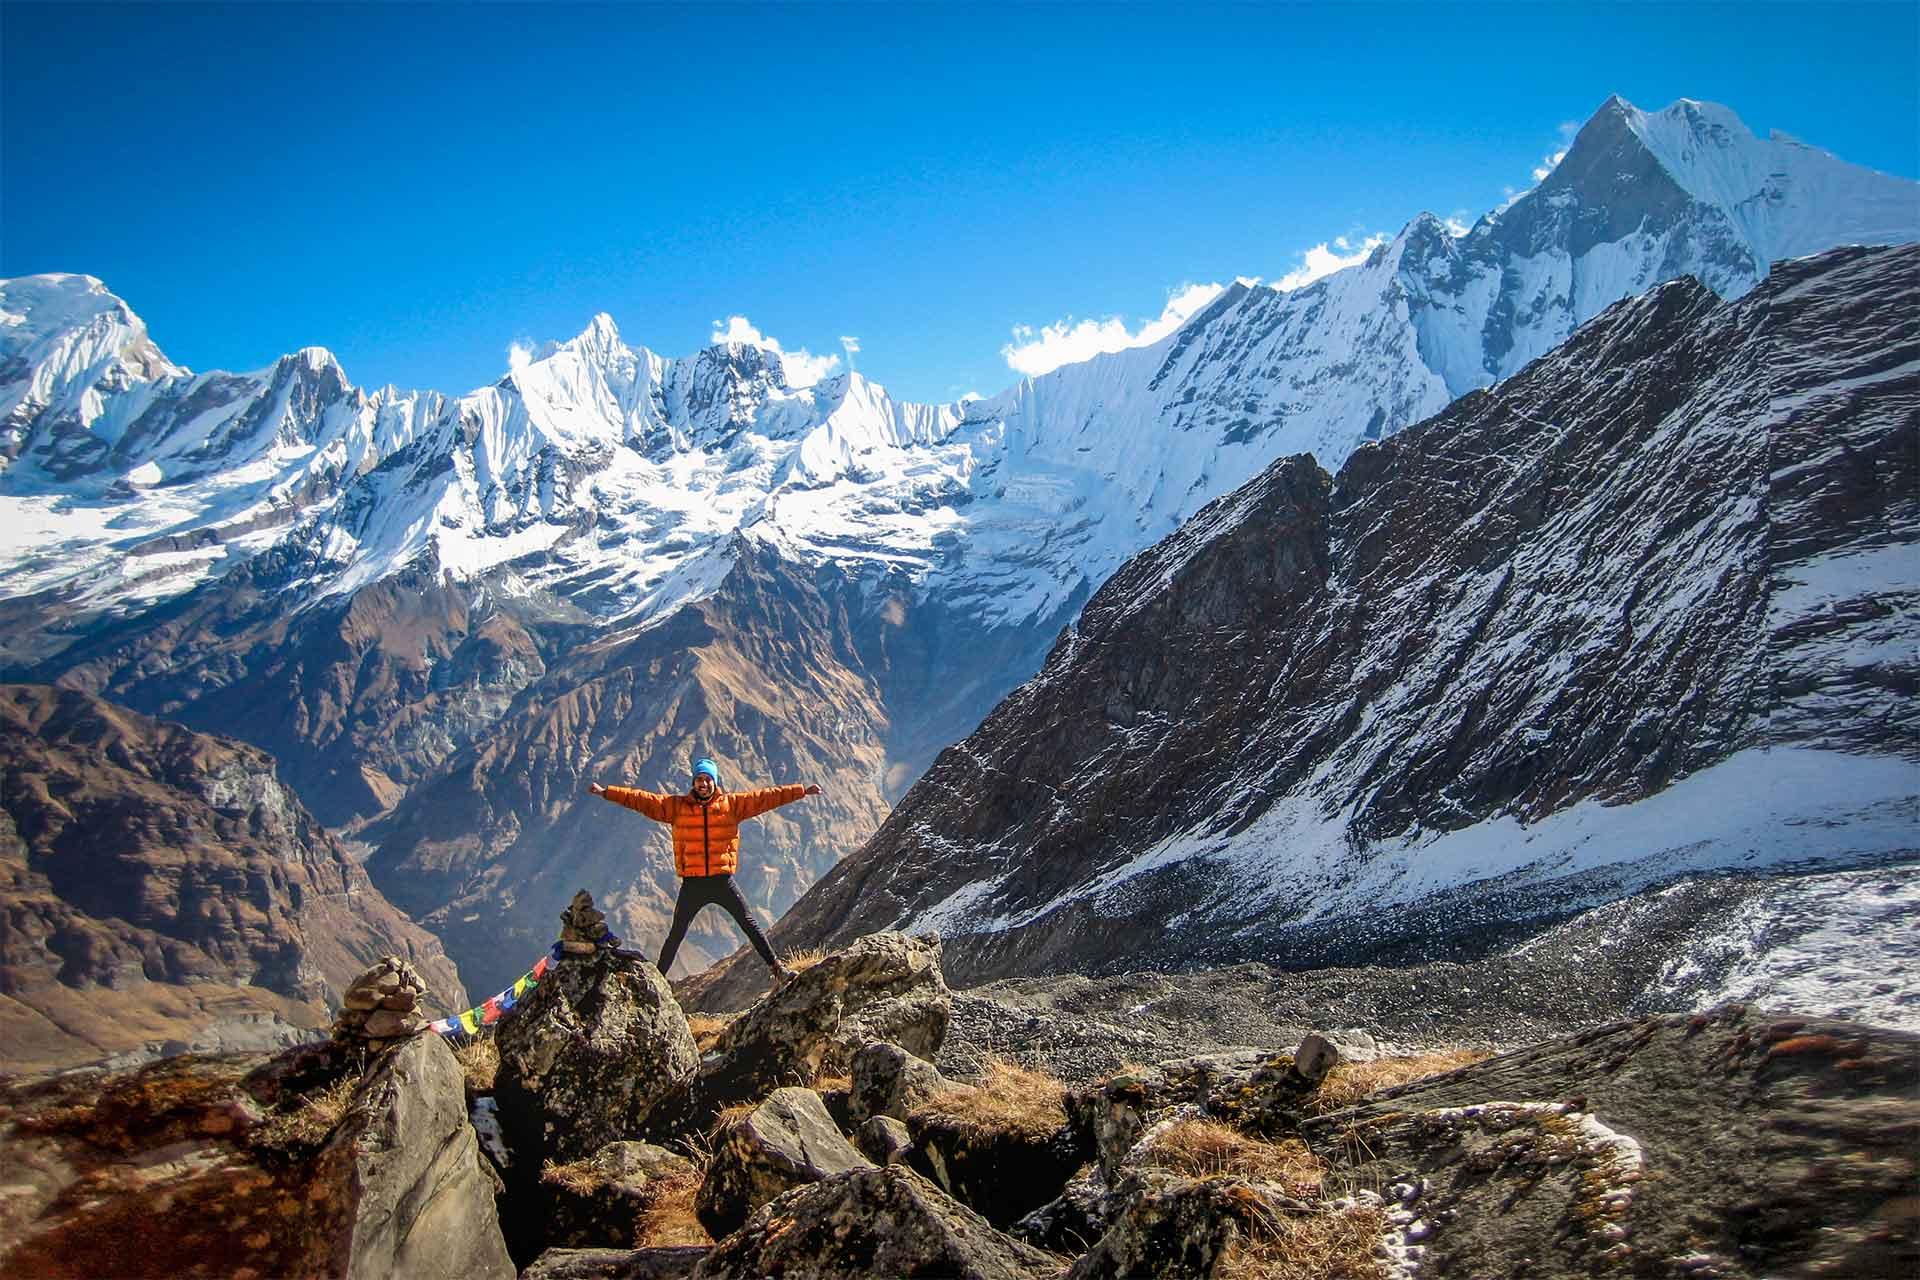 viaje-fotografico-annapurnas-nepal